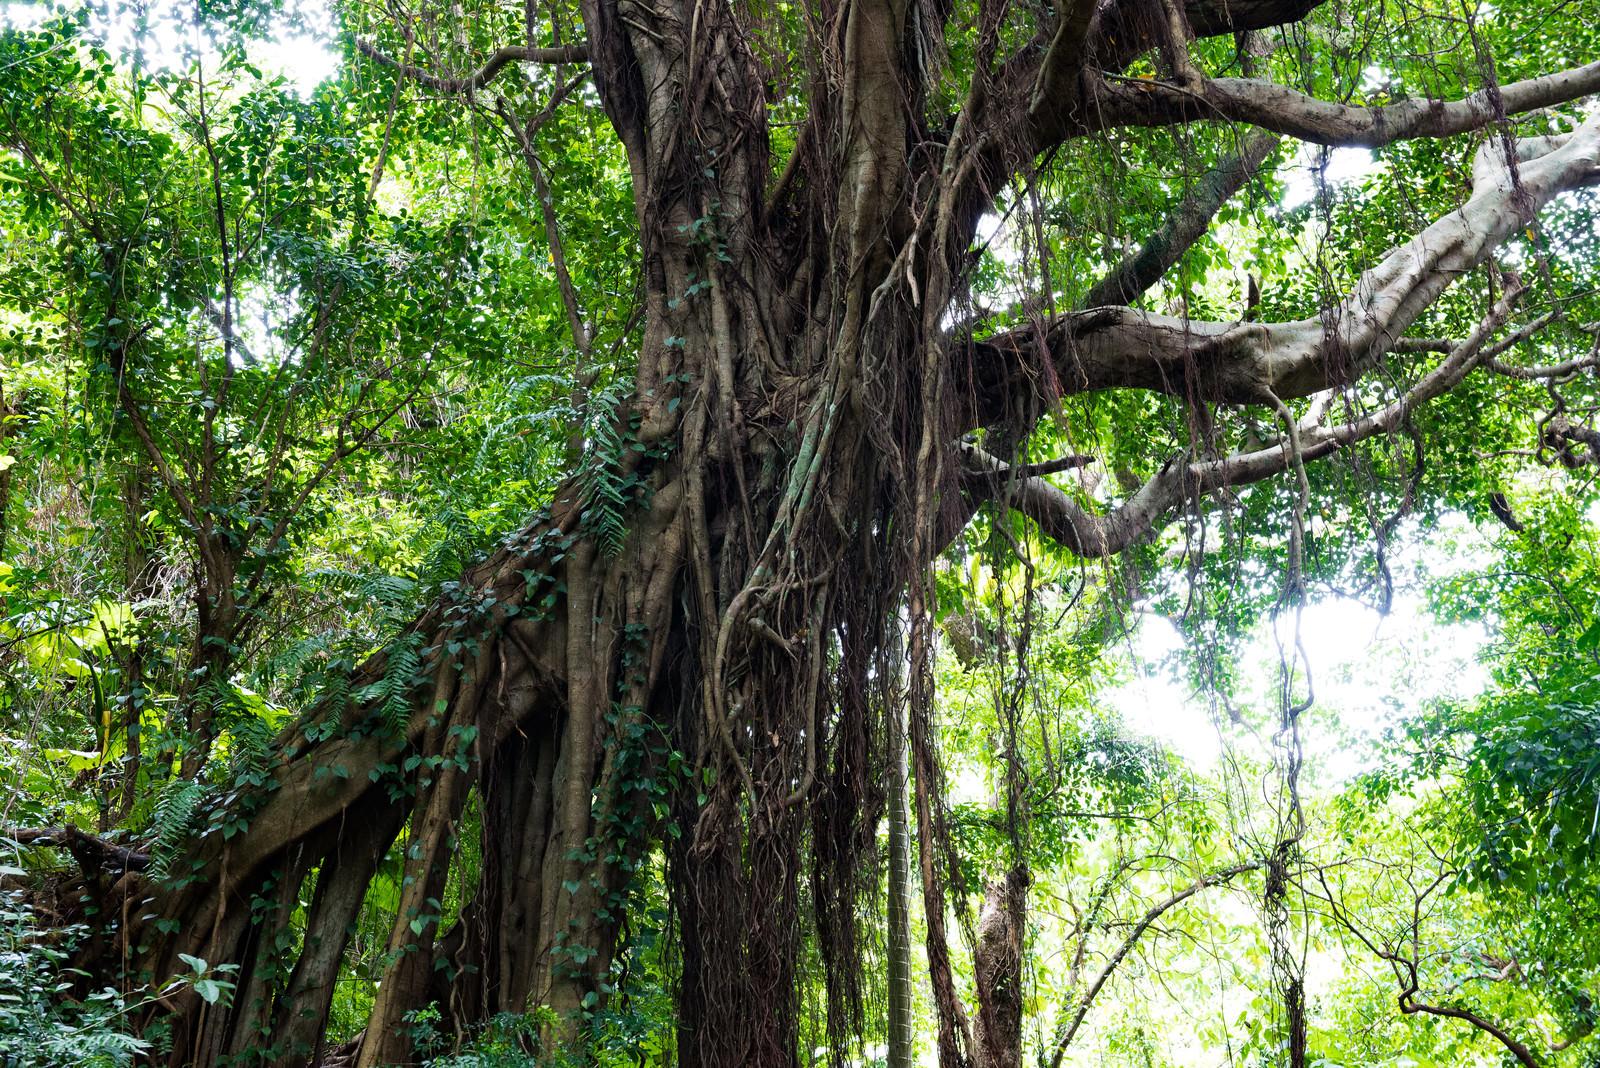 「亜熱帯の森(ガンガラーの谷)亜熱帯の森(ガンガラーの谷)」のフリー写真素材を拡大